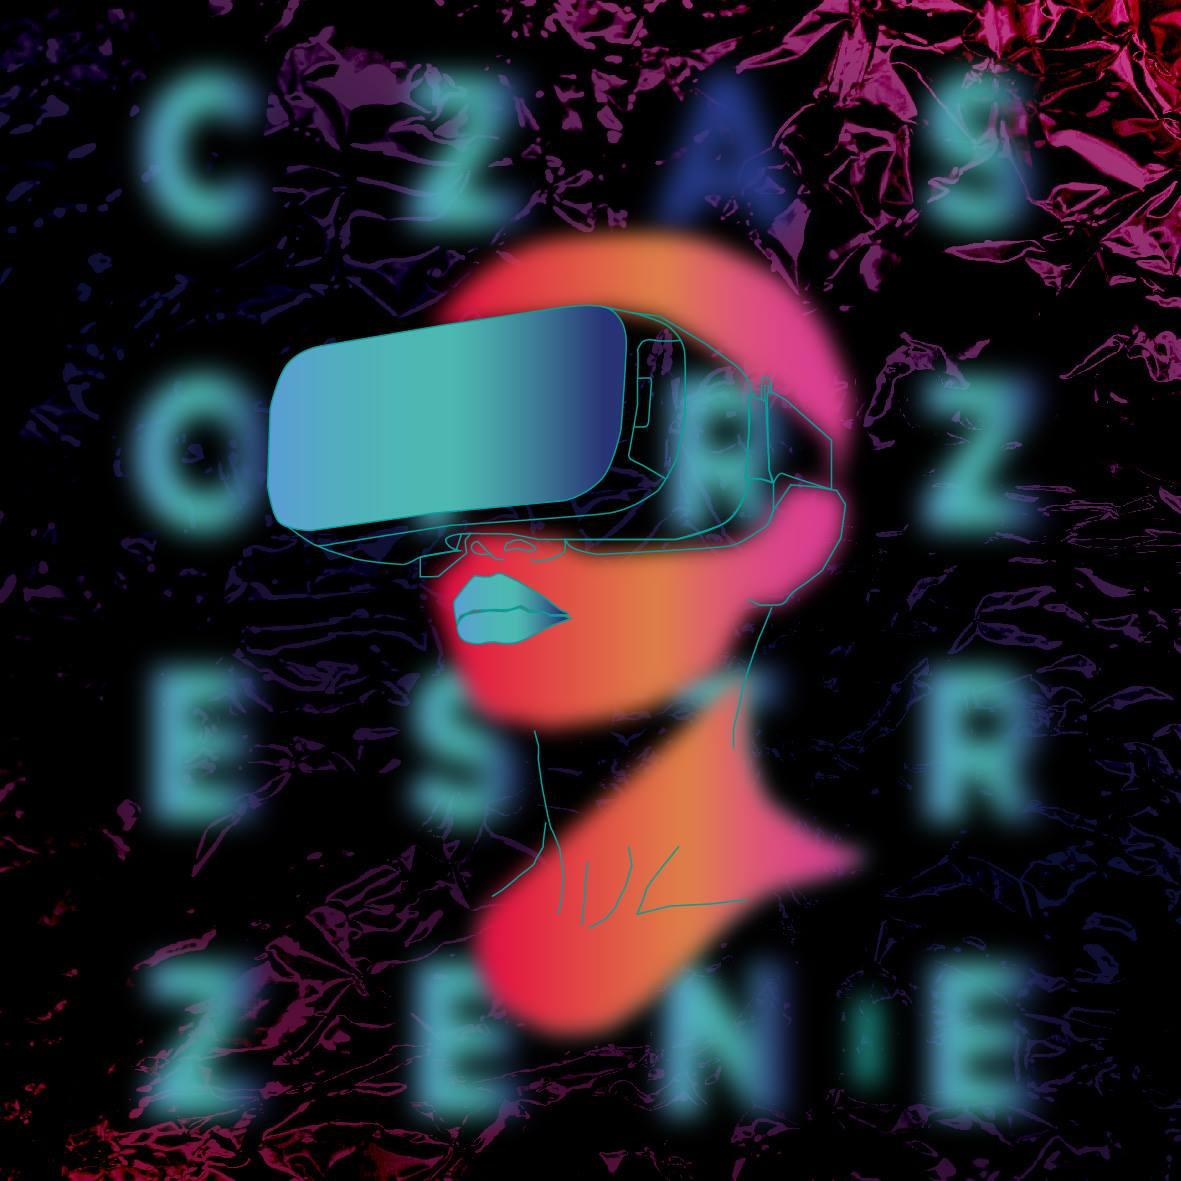 Czasoprzestrzenie: Kaleidoscope VR – plakat (źródło: materiały prasowe organizatora)